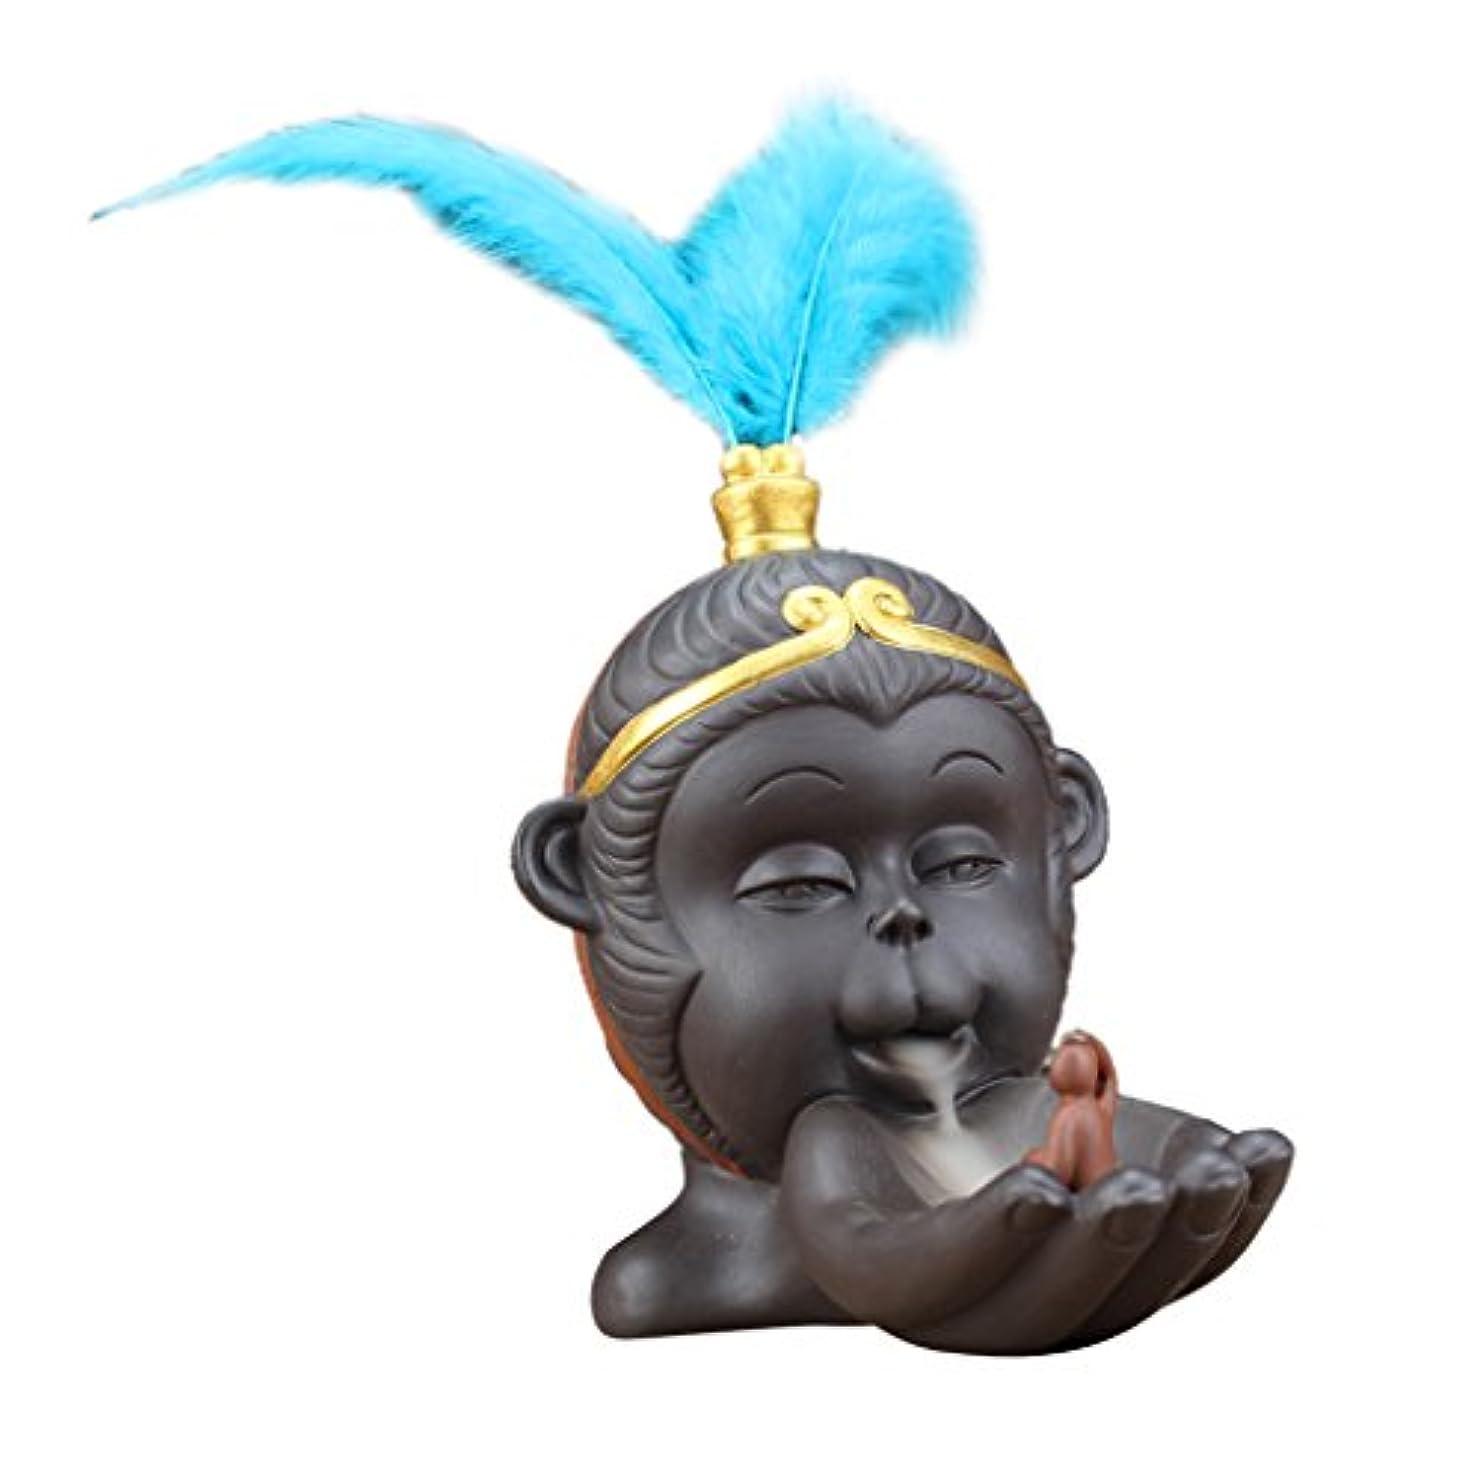 彼の時期尚早屈辱するHomyl ヴィンテージ 仏教 香炉 バーナーホルダー 逆流コーン 香バーナー 全2色 - 青